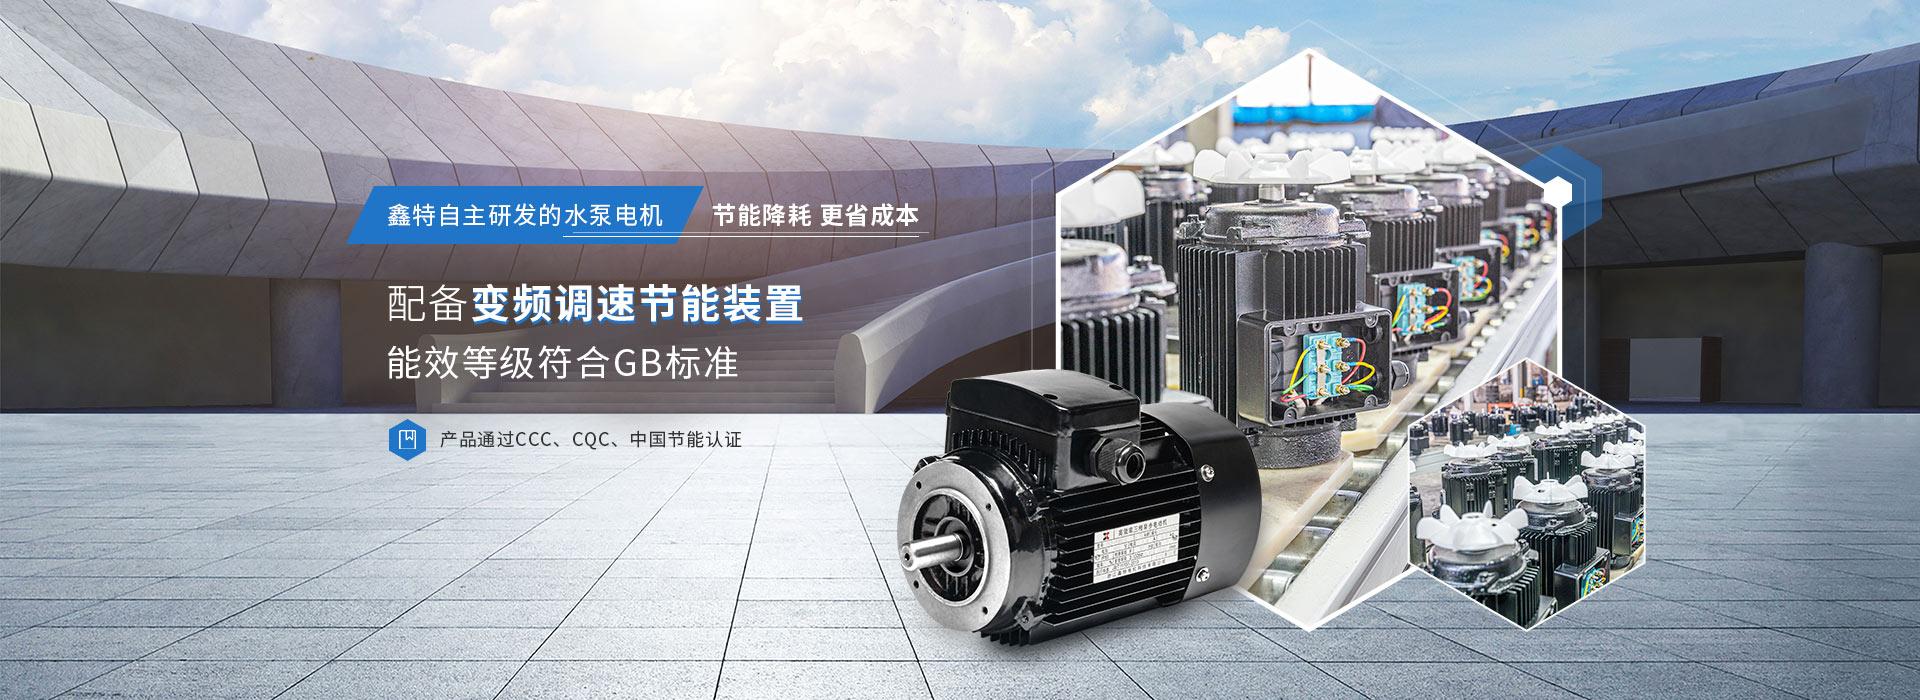 鑫特自主研发的水泵电机,节能降耗